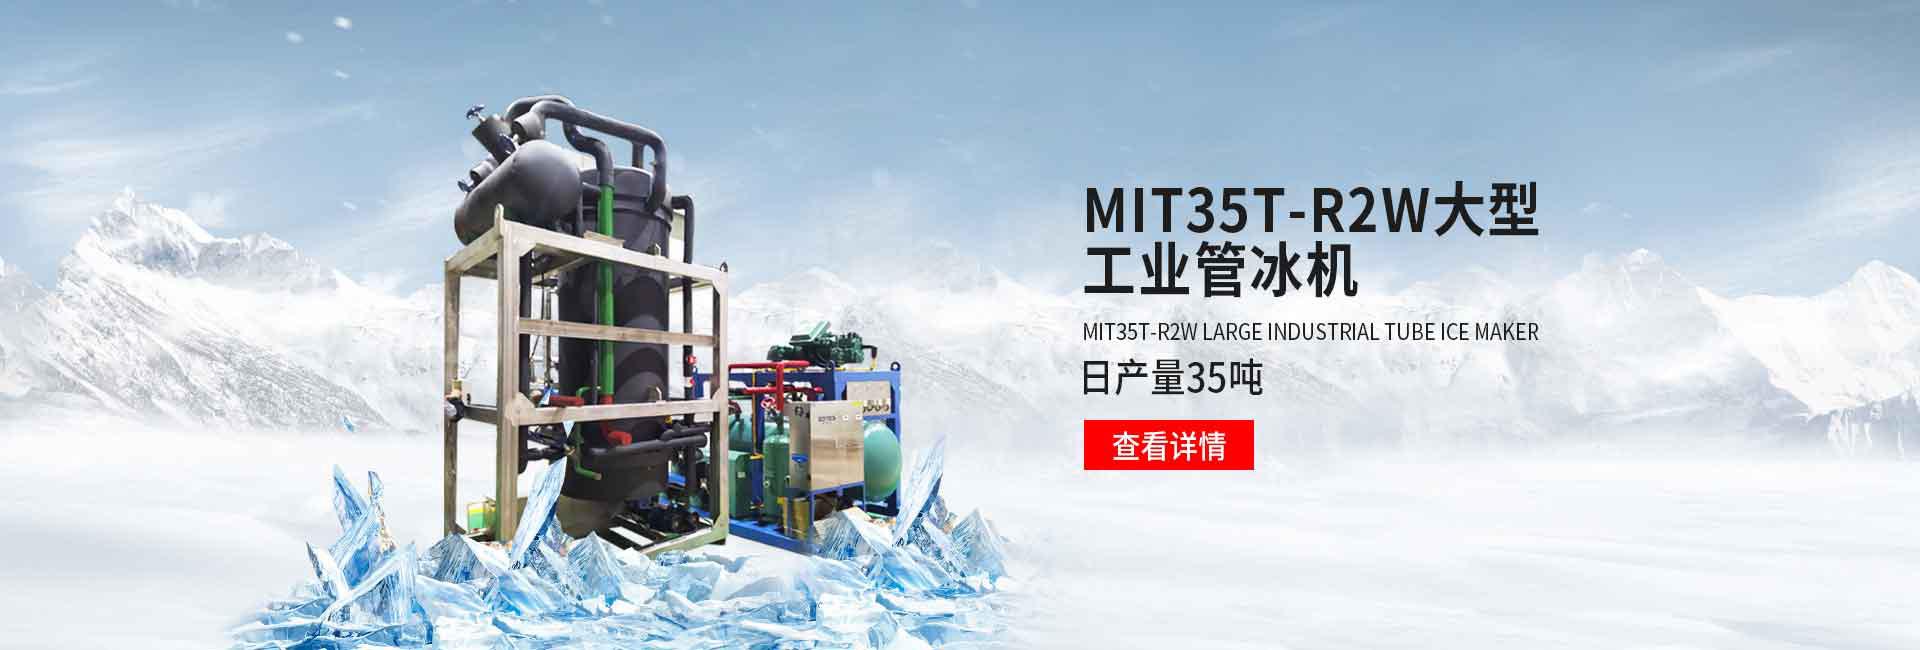 大型淡水片冰机厂家